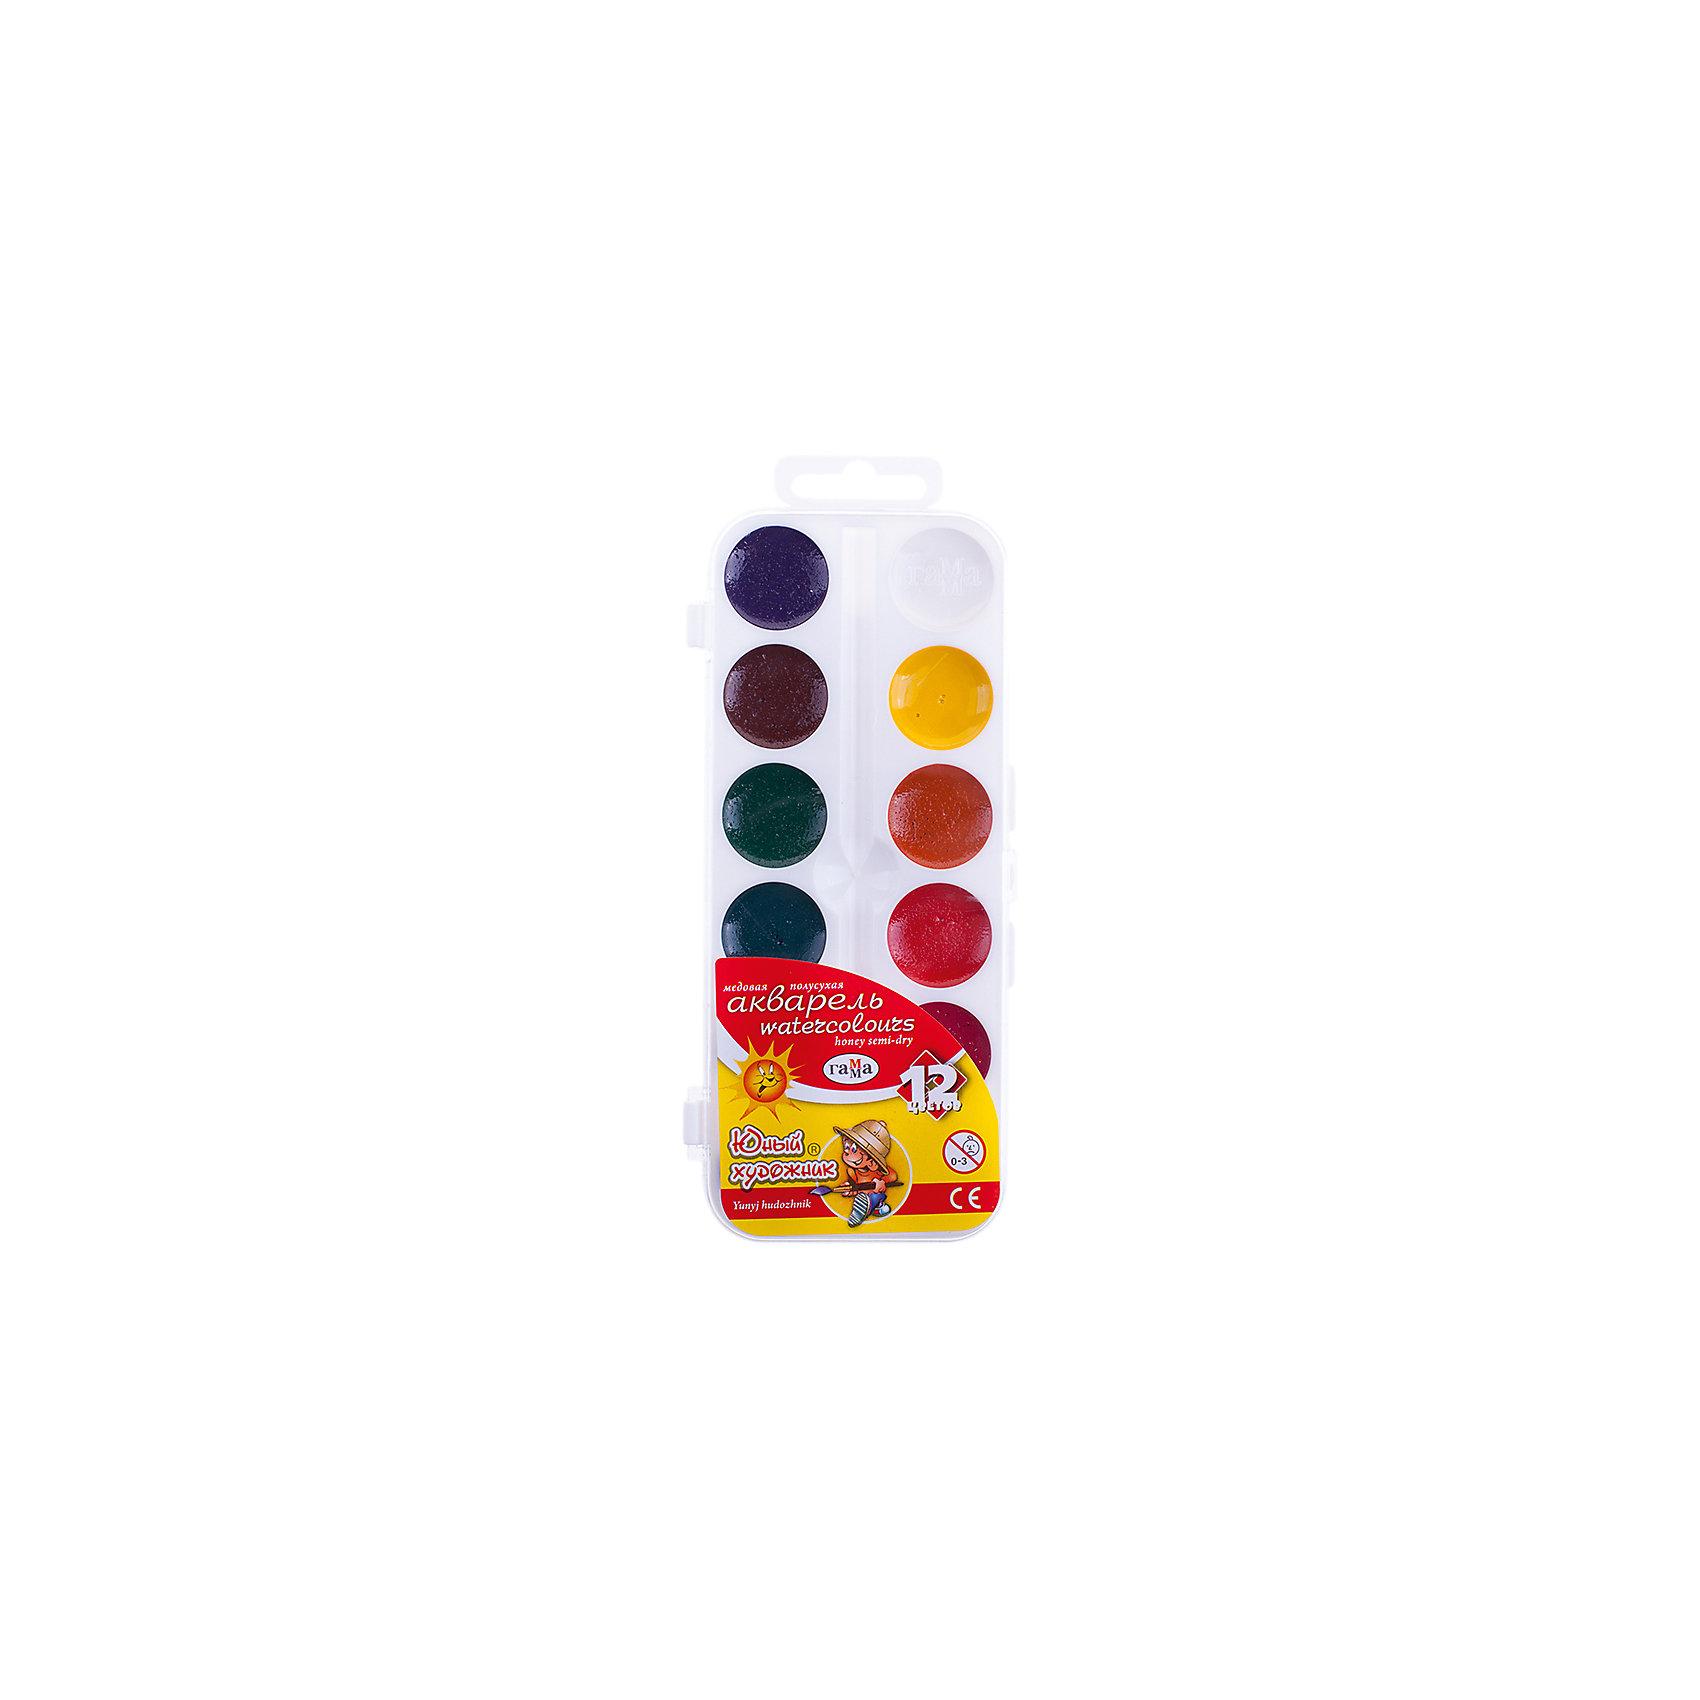 Акварель медовая ЮНЫЙ ХУДОЖНИК  12 цветов ГаммаРисование и лепка<br>Характеристики:<br><br>• возраст: от 3 лет<br>• в наборе: краски акварельные медовые без кисточки<br>• количество цветов: 12<br>• объем краски одного цвета в кювете: 2,8 куб. см.<br>• упаковка: пластмассовая коробка с прозрачной крышкой<br>• размер упаковки: 7,5х18х1,3 см.<br>• вес: 70 гр.<br><br>Акварельные медовые краски «Юный художник» идеально подойдут для детского и художественного изобразительного искусства. Яркие, насыщенные цвета красок отлично смешиваются между собой.<br><br>Краски безопасны для детей, не токсичны, быстро высыхают и не портятся со временем.<br><br>Акварель медовую ЮНЫЙ ХУДОЖНИК 12 цветов Гамма можно купить в нашем интернет-магазине.<br><br>Ширина мм: 180<br>Глубина мм: 80<br>Высота мм: 10<br>Вес г: 75<br>Возраст от месяцев: 36<br>Возраст до месяцев: 2147483647<br>Пол: Унисекс<br>Возраст: Детский<br>SKU: 7010476